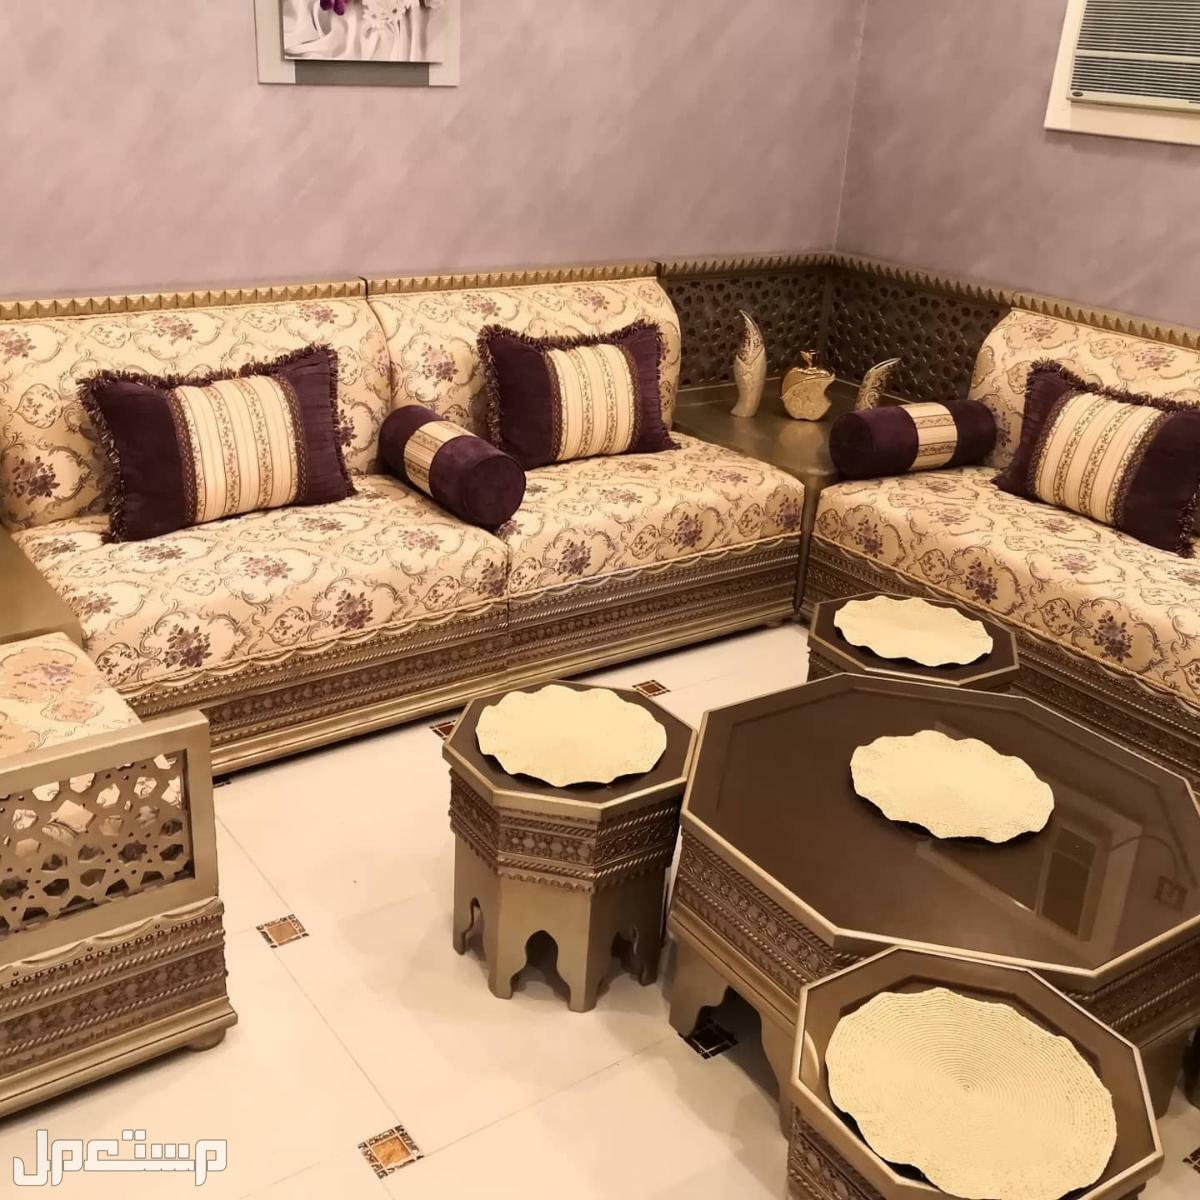 مجلس كنب مغربي فاخر جدا نظيف وجديد مكة الشرائع